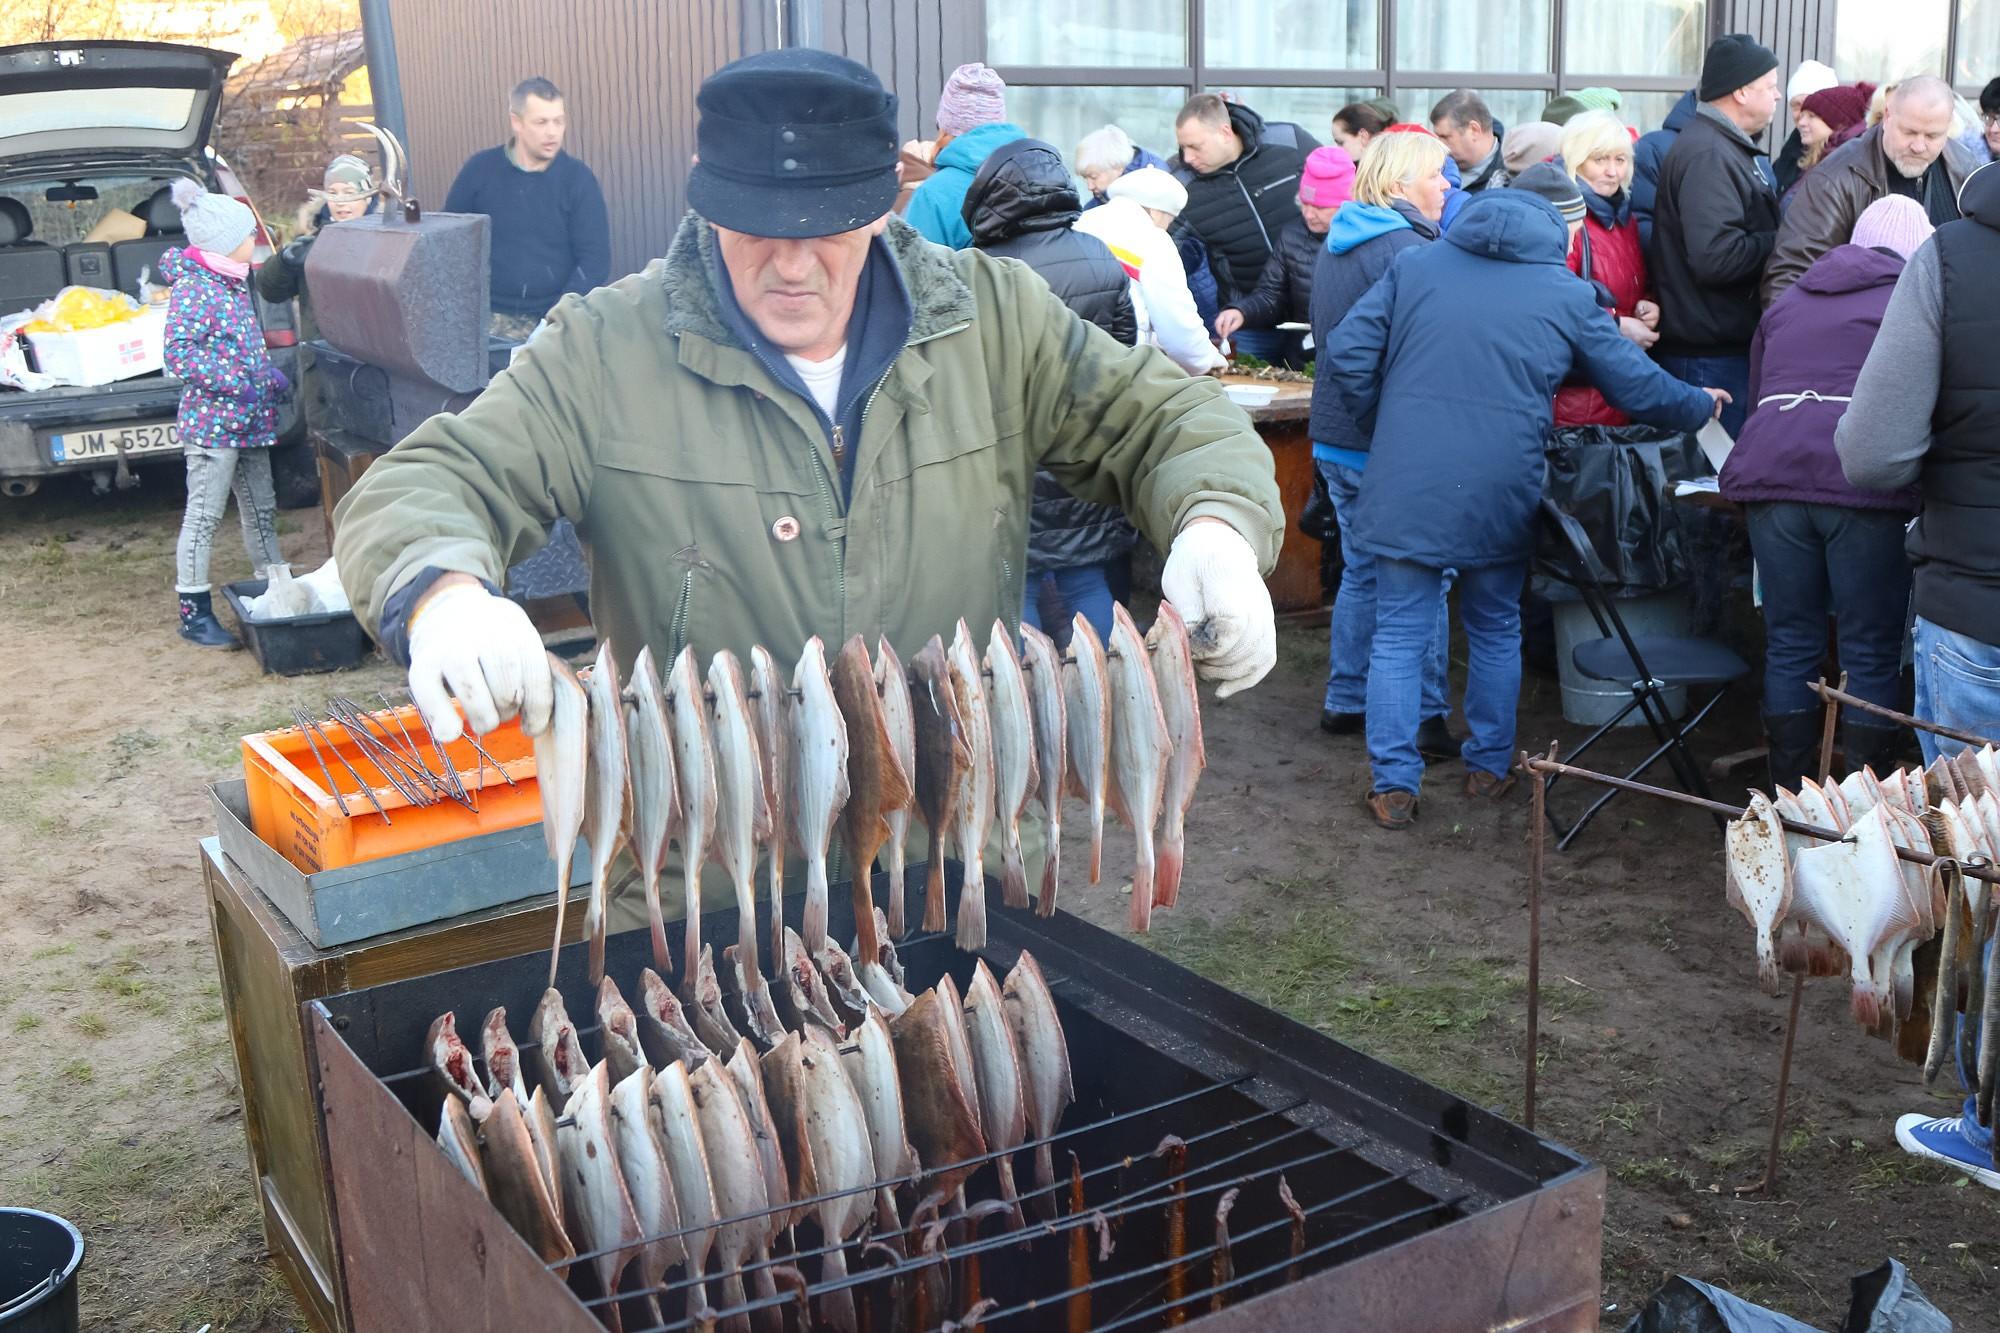 Pāvilostas zvejnieks uzskata, ka ir jāattīsta kvalitatīvāki rīki un jāzvejo ar prātu